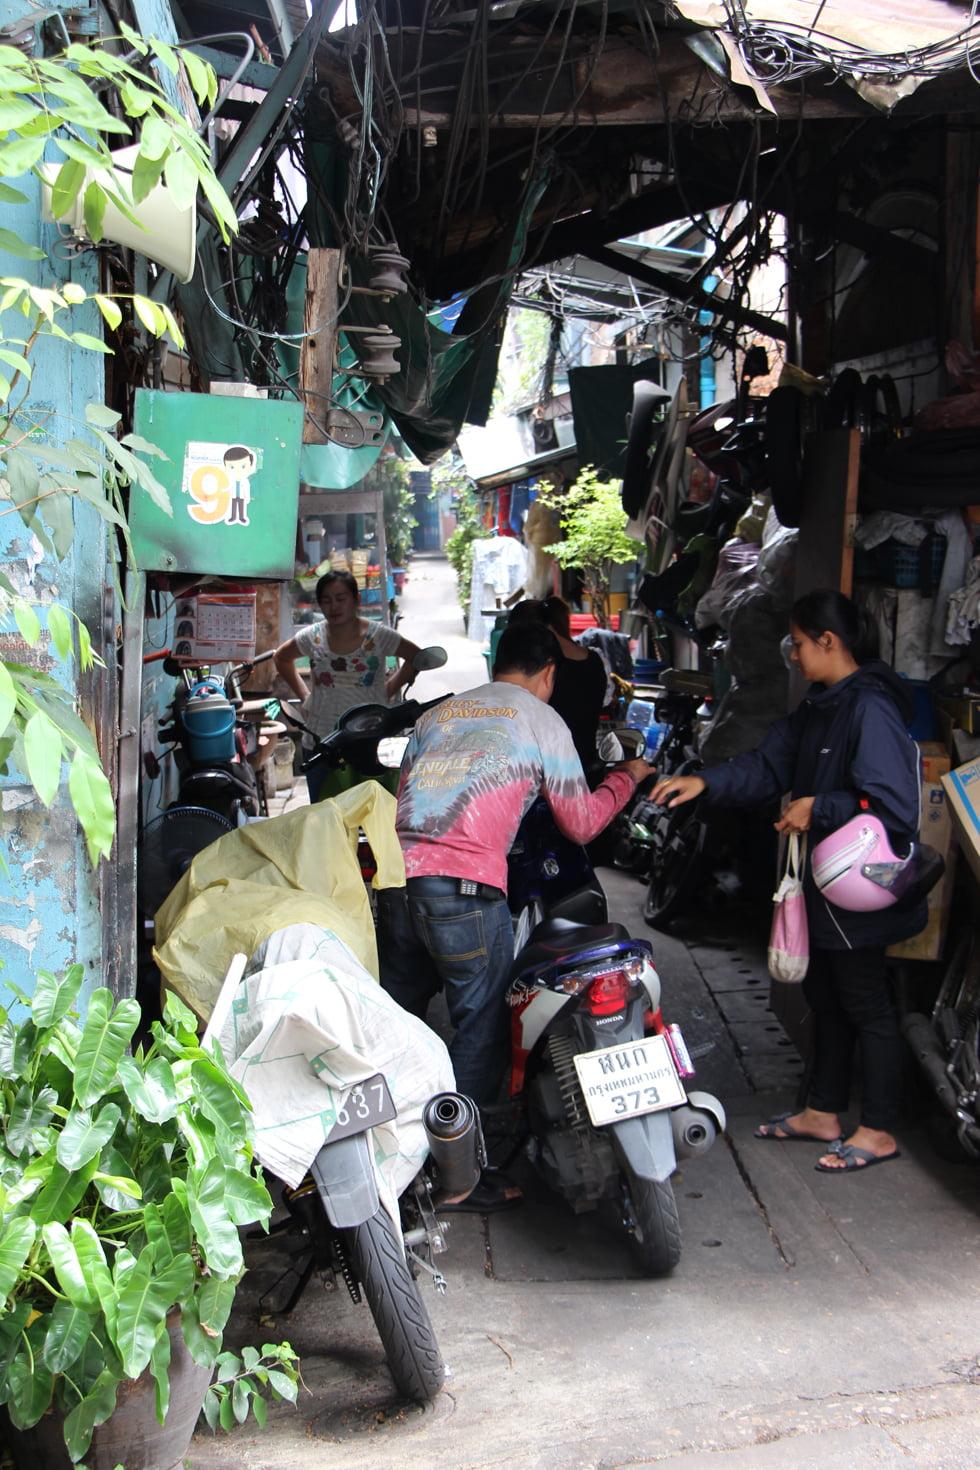 Een scooterrijder baant zijn weg door de smalle straatjes van Chinatown Bangkok